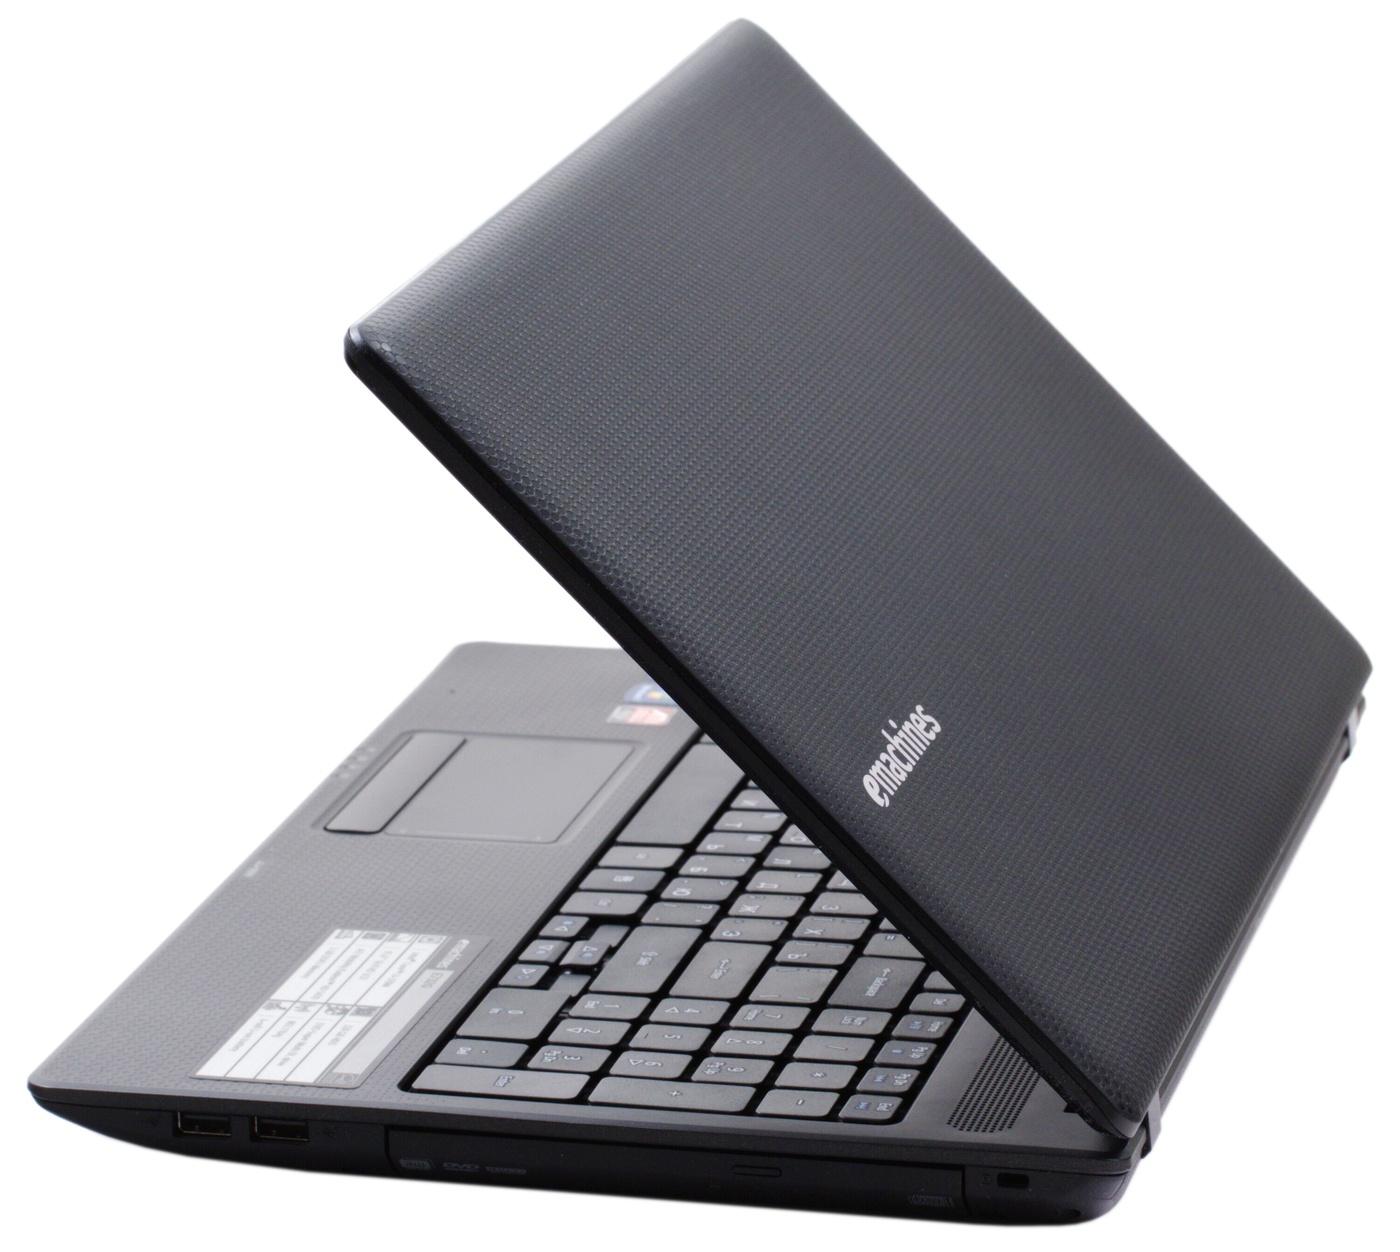 Скачать драйвера для ноутбука emachines e732